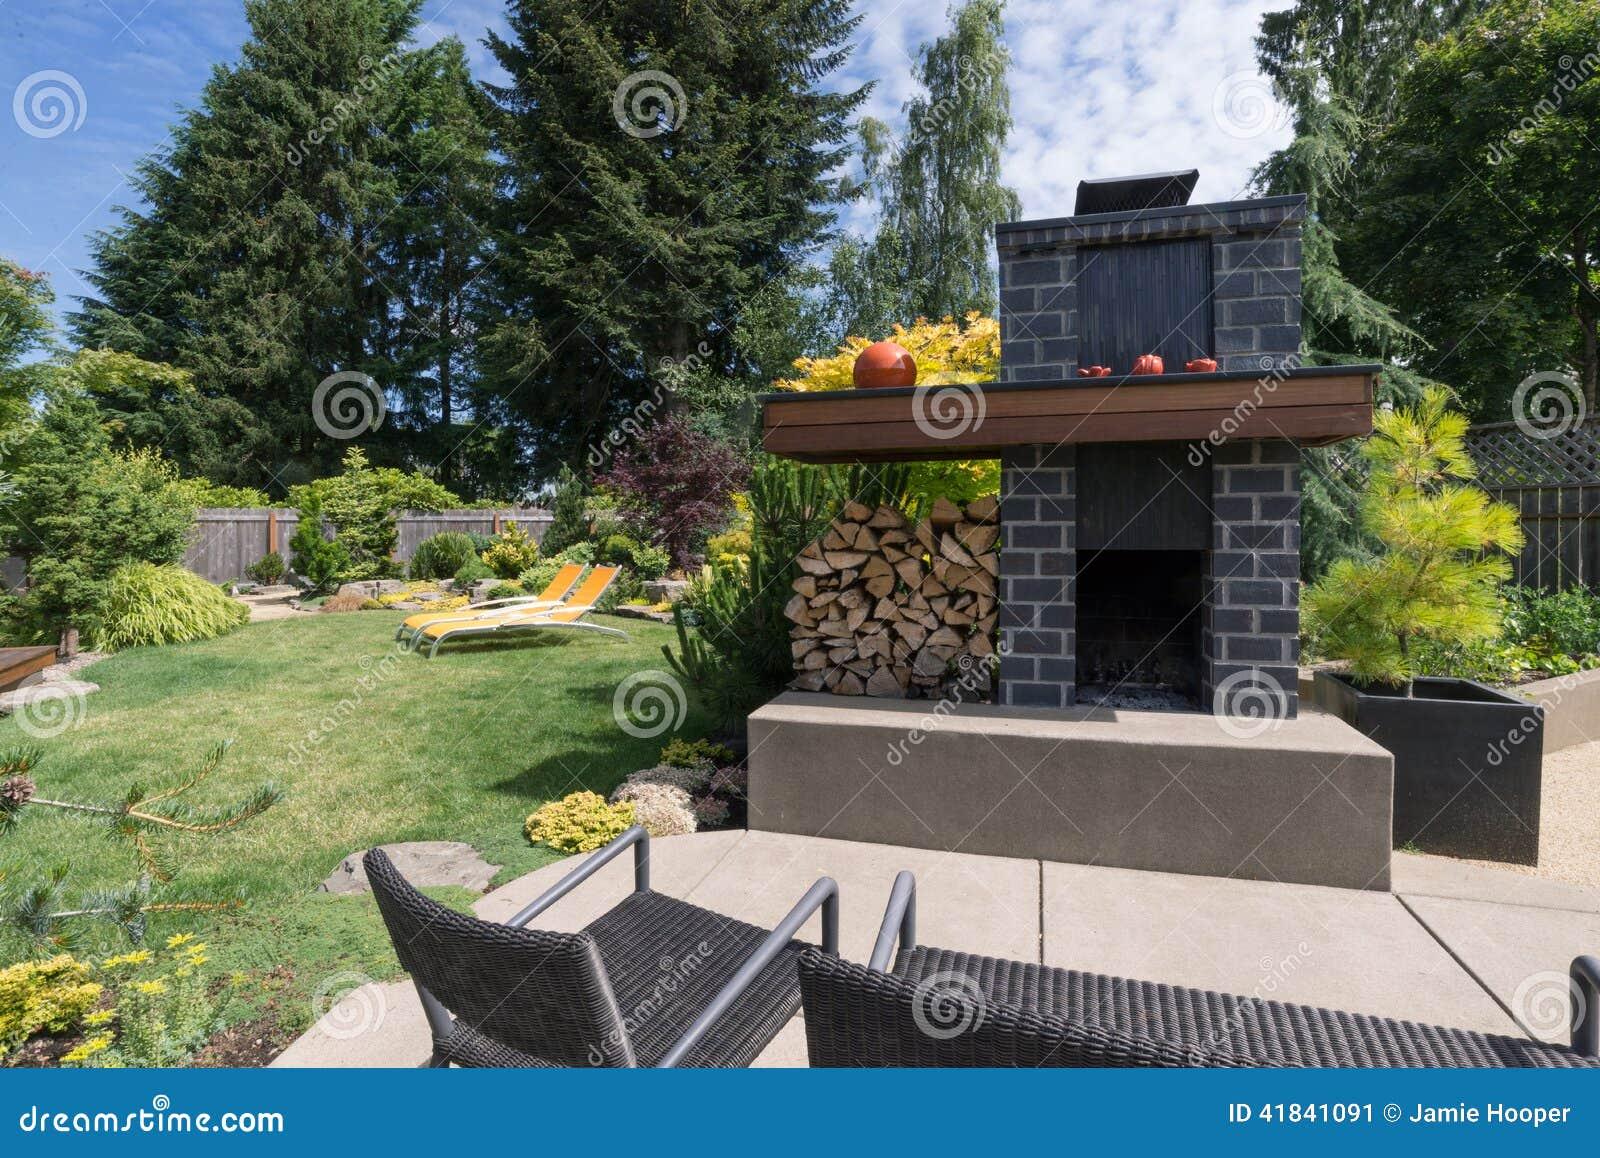 Chimenea del jard n foto de archivo imagen 41841091 - Chimeneas para jardin ...